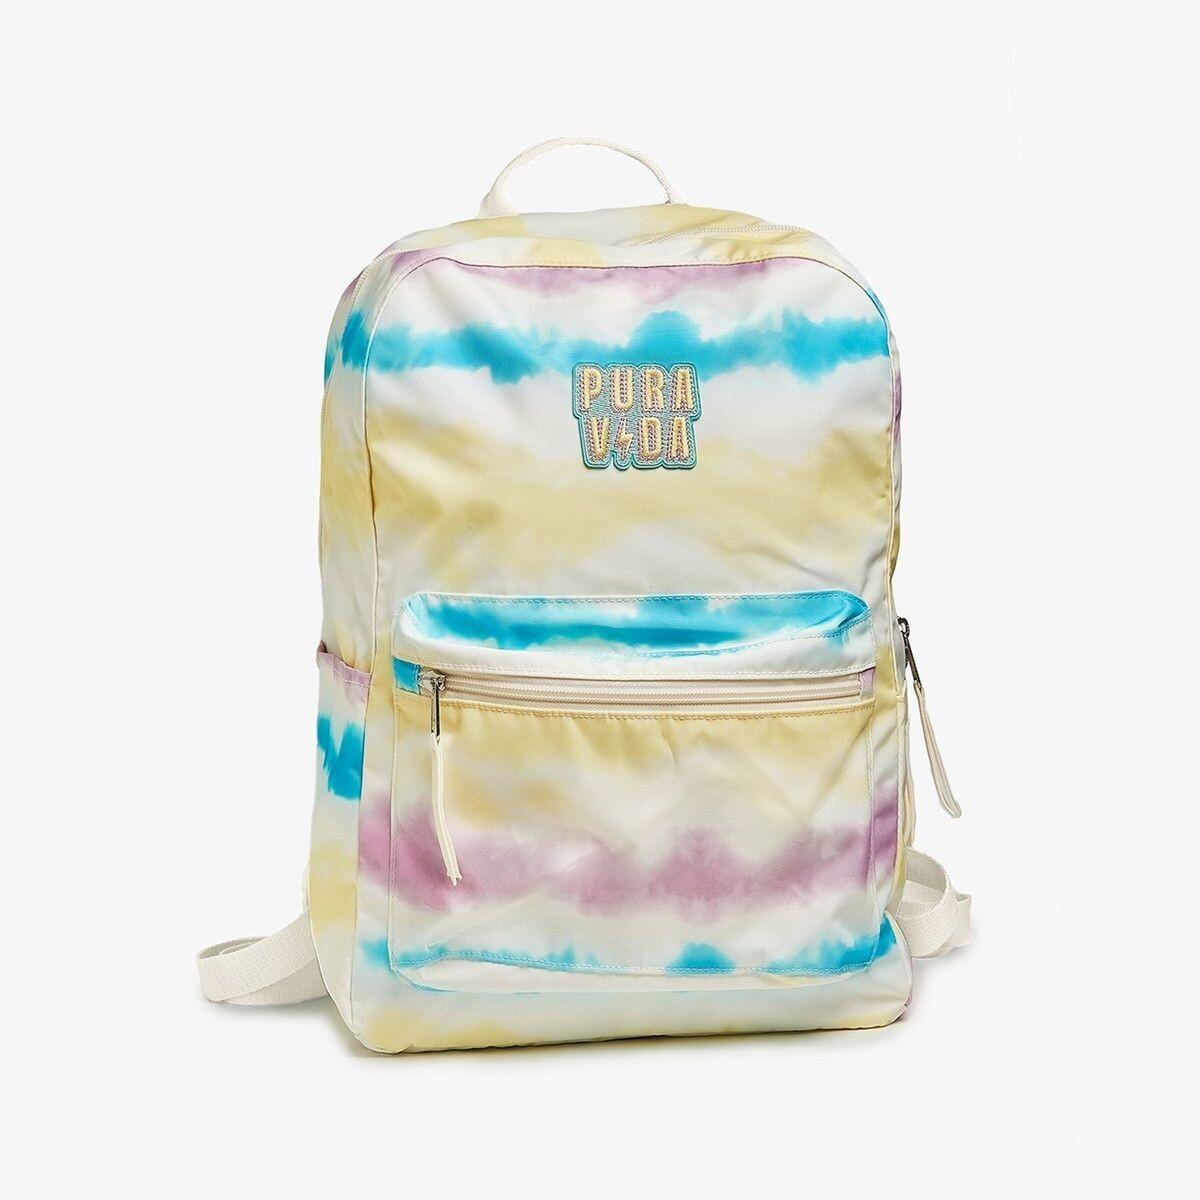 Pura Vida Backpack TIE DYED